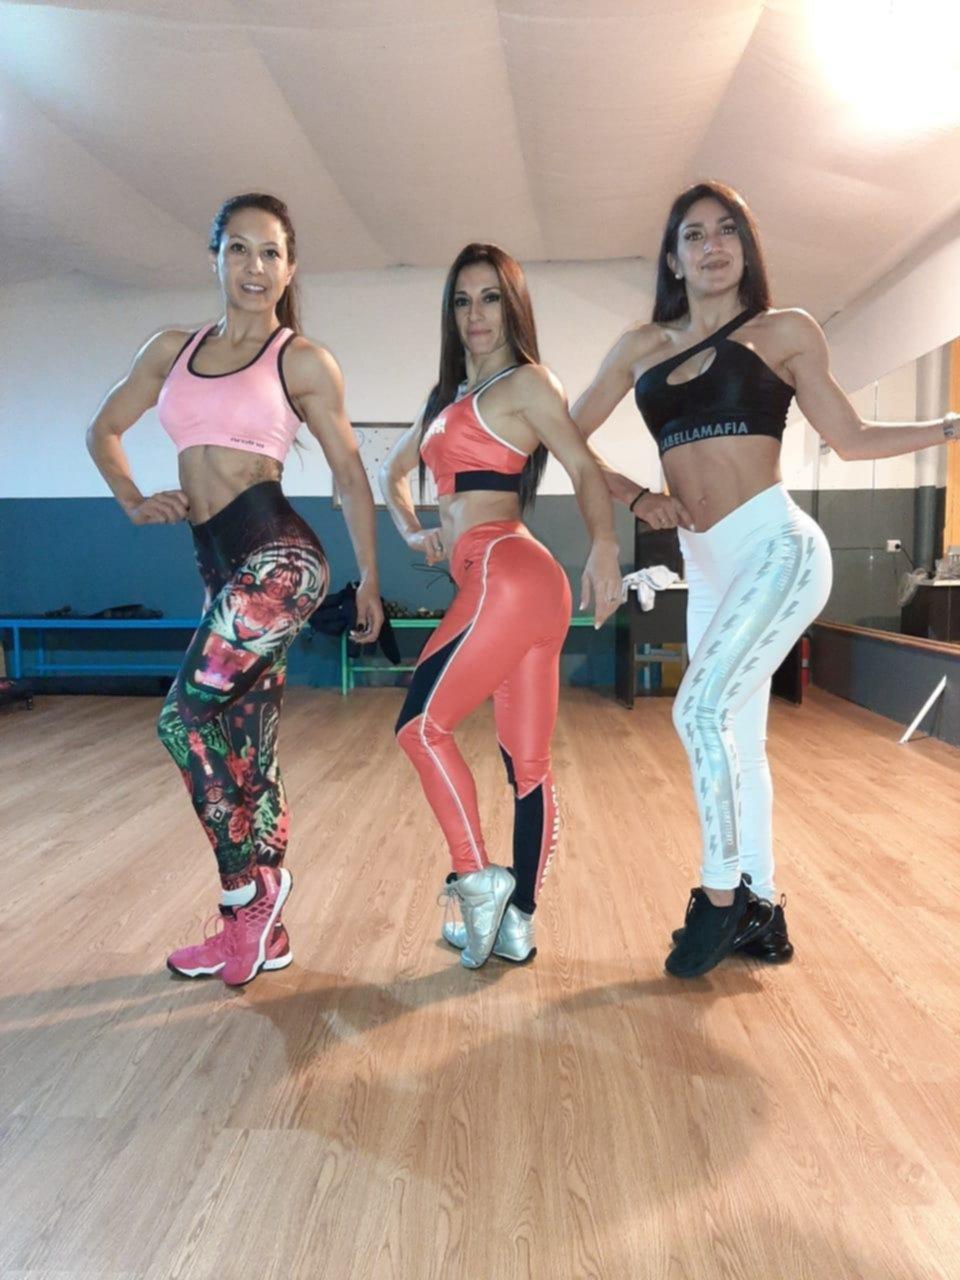 Tres representantes del Fitness platense viajan a Brasil